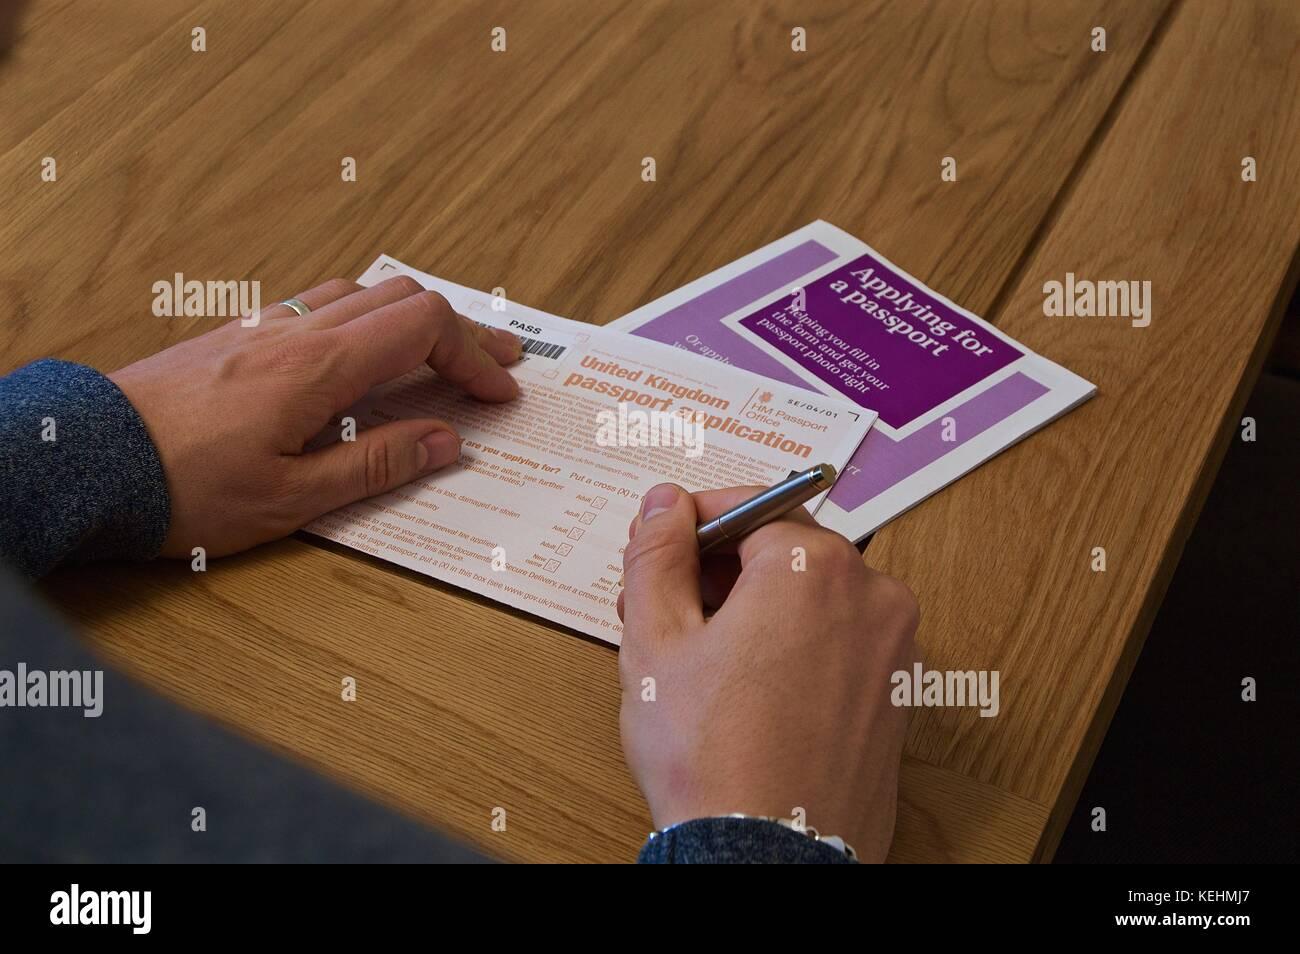 Uk passport application stock photos uk passport application stock view of mans hands filling out uk passport application form on table with instructional booklet falaconquin